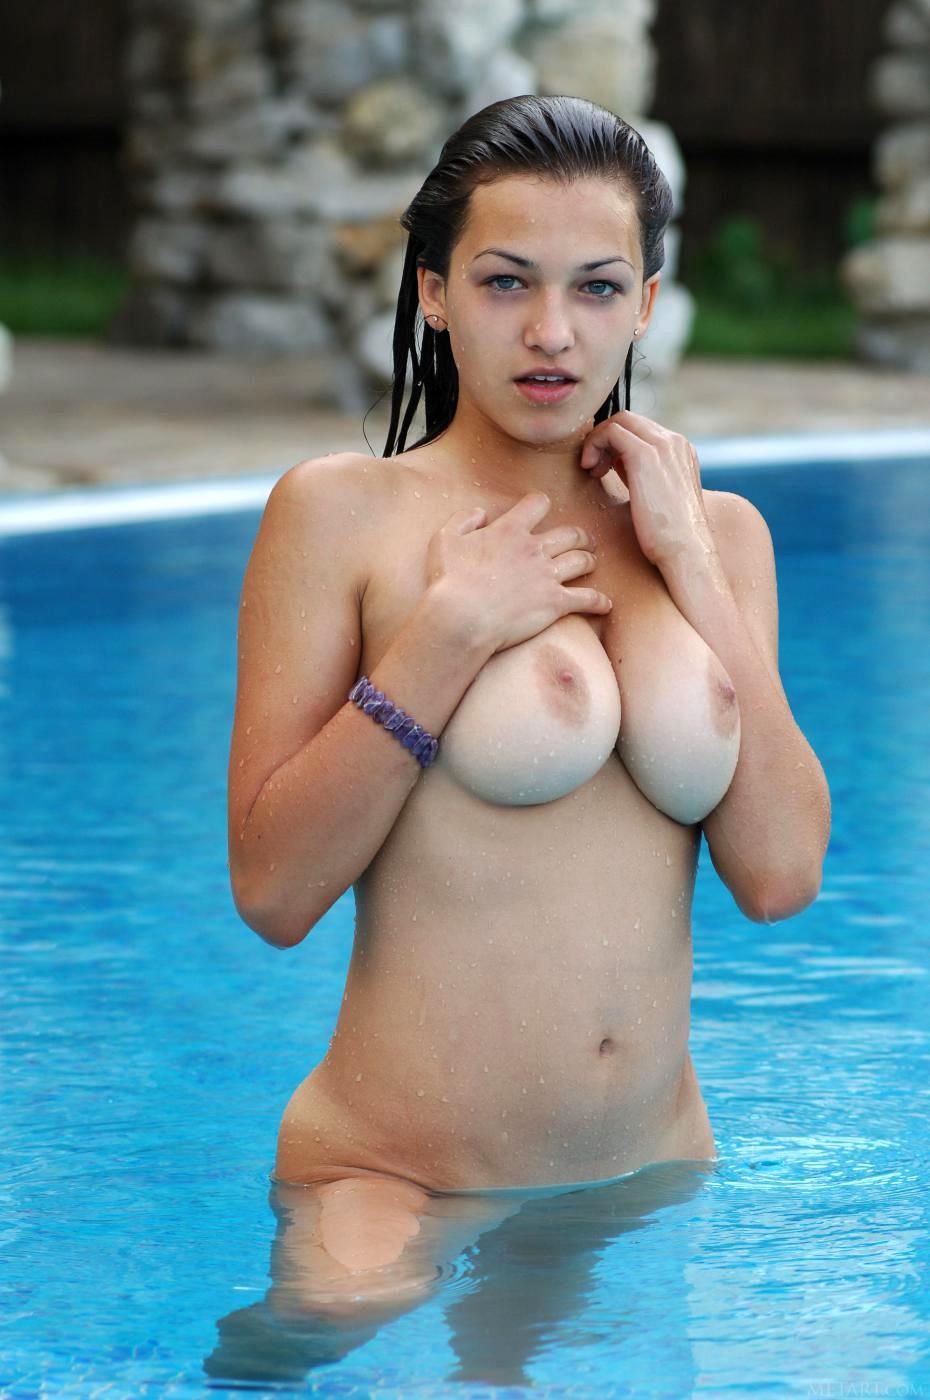 Sofi porno